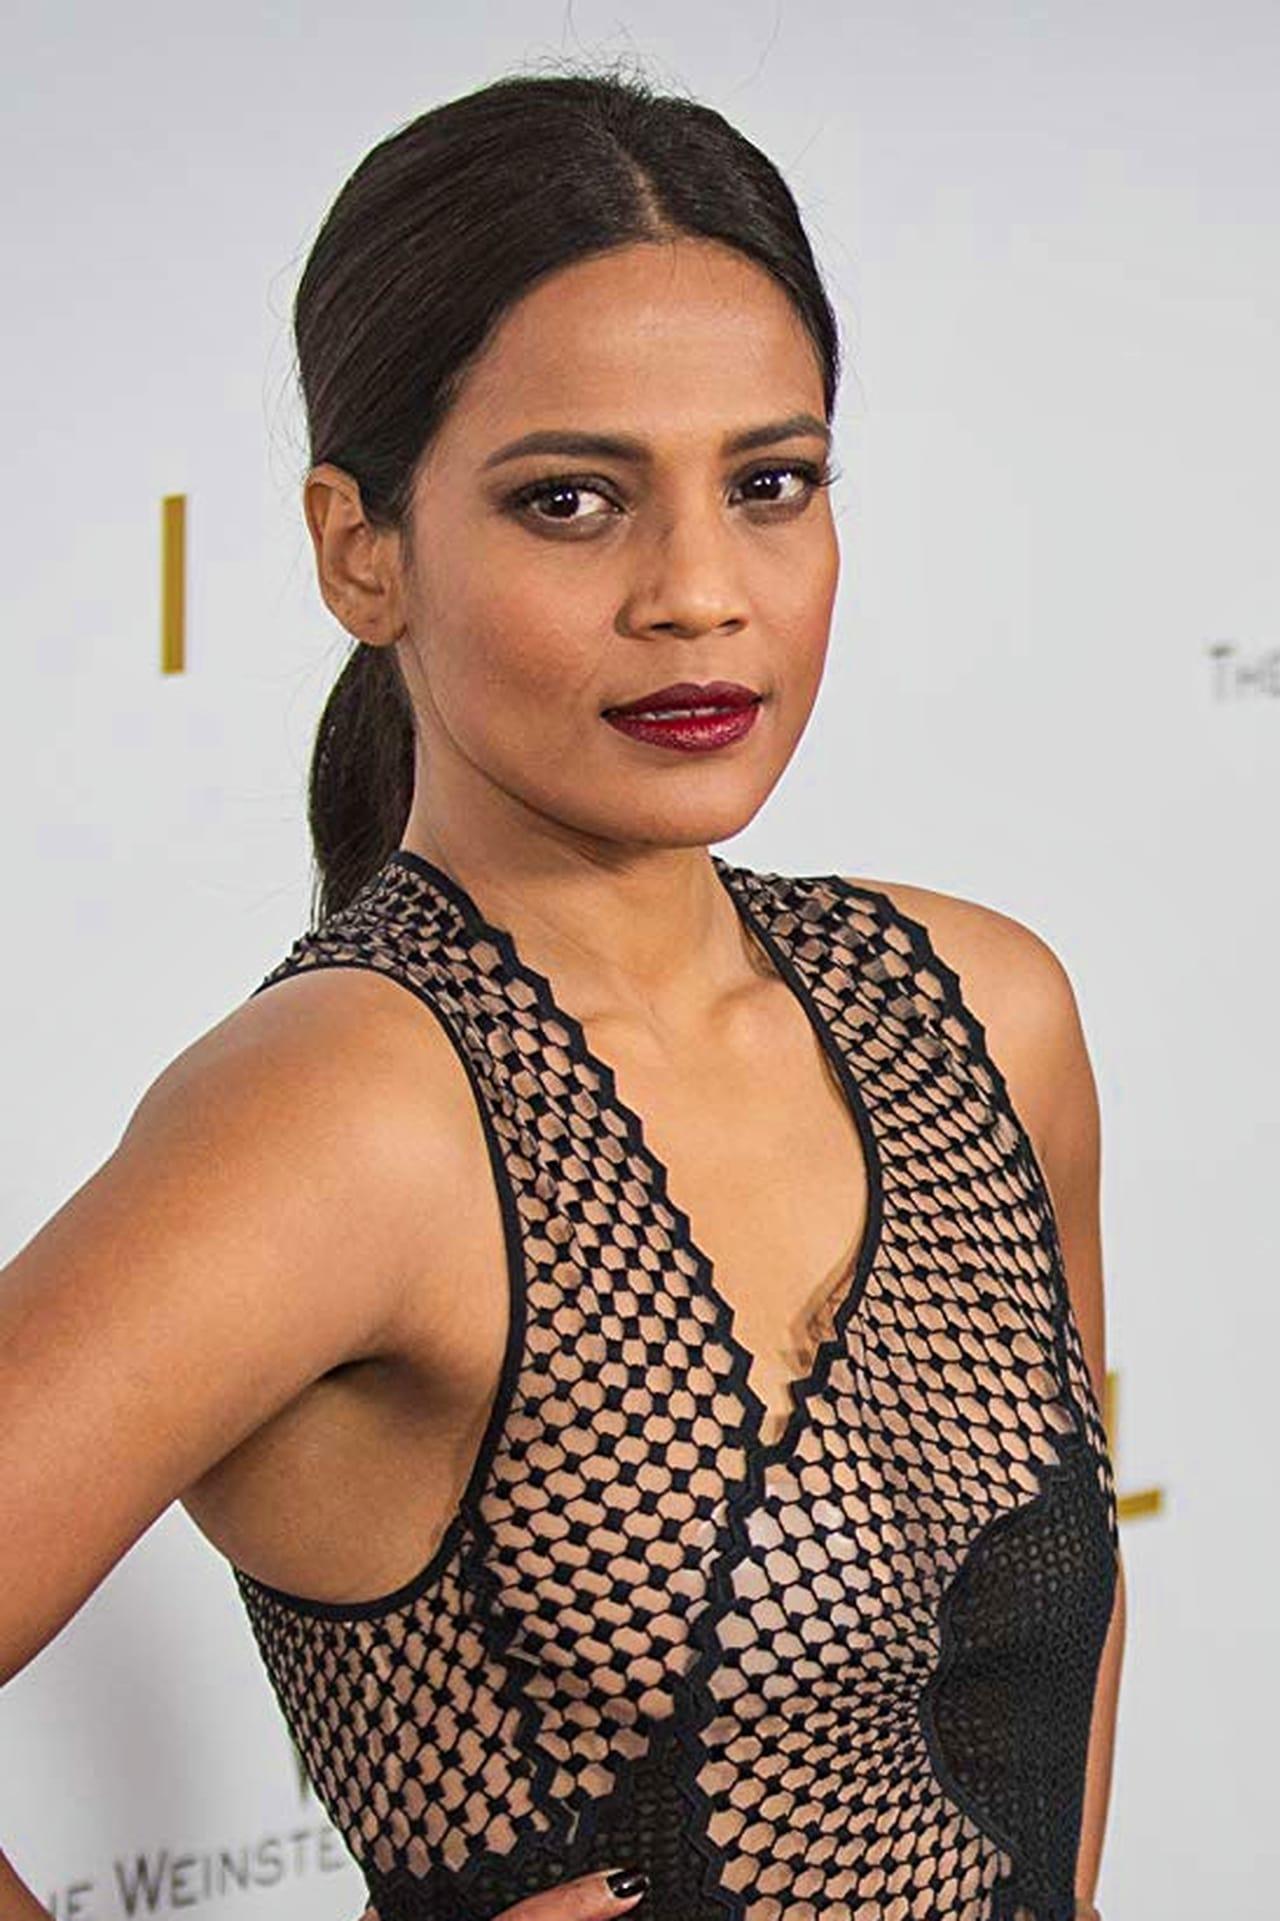 Priyanka Bose isMother